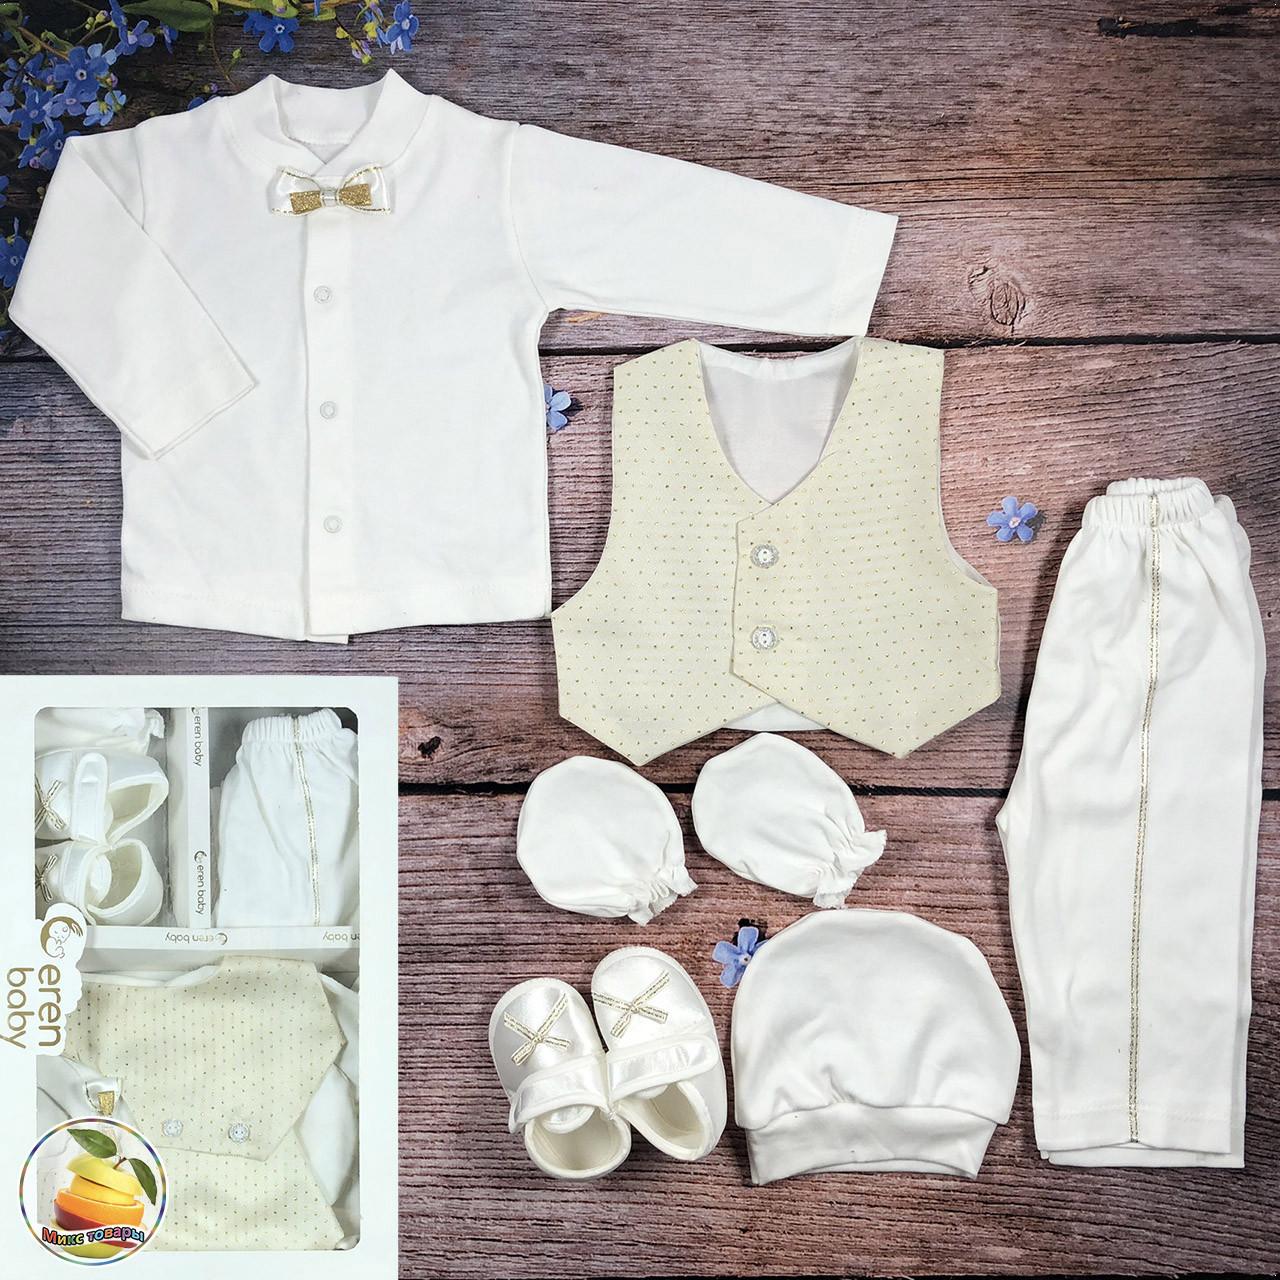 Крестильный набор для маленького мальчика Размер: 0-3 месяца (8896)